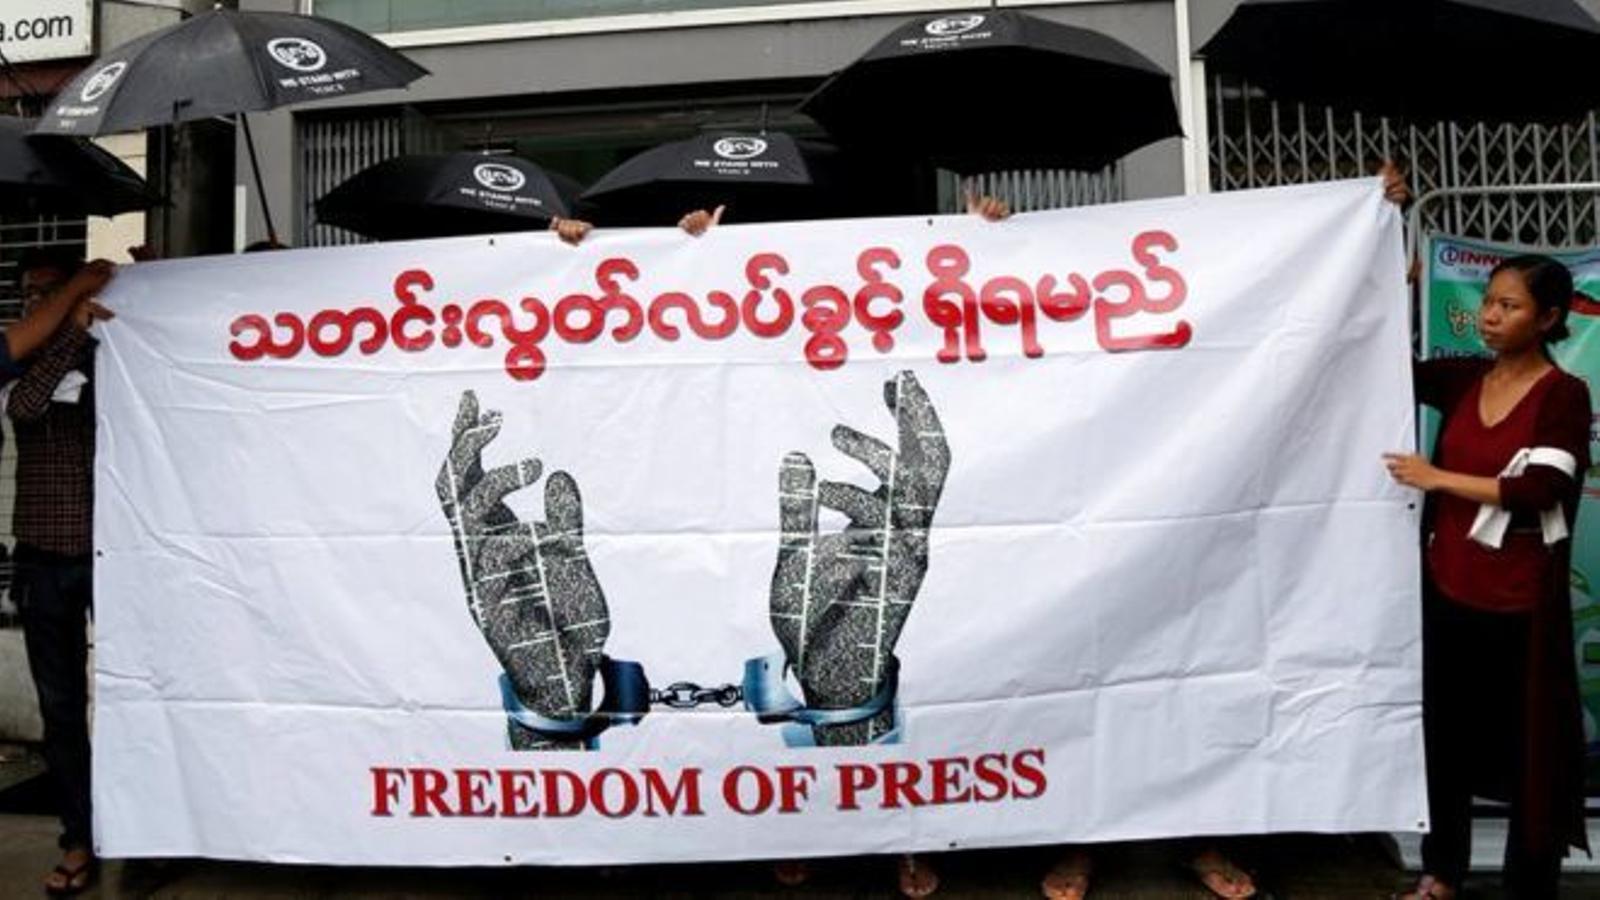 Periodistes de Birmània protestant per el control dels mitjans de comunicació per part del govern